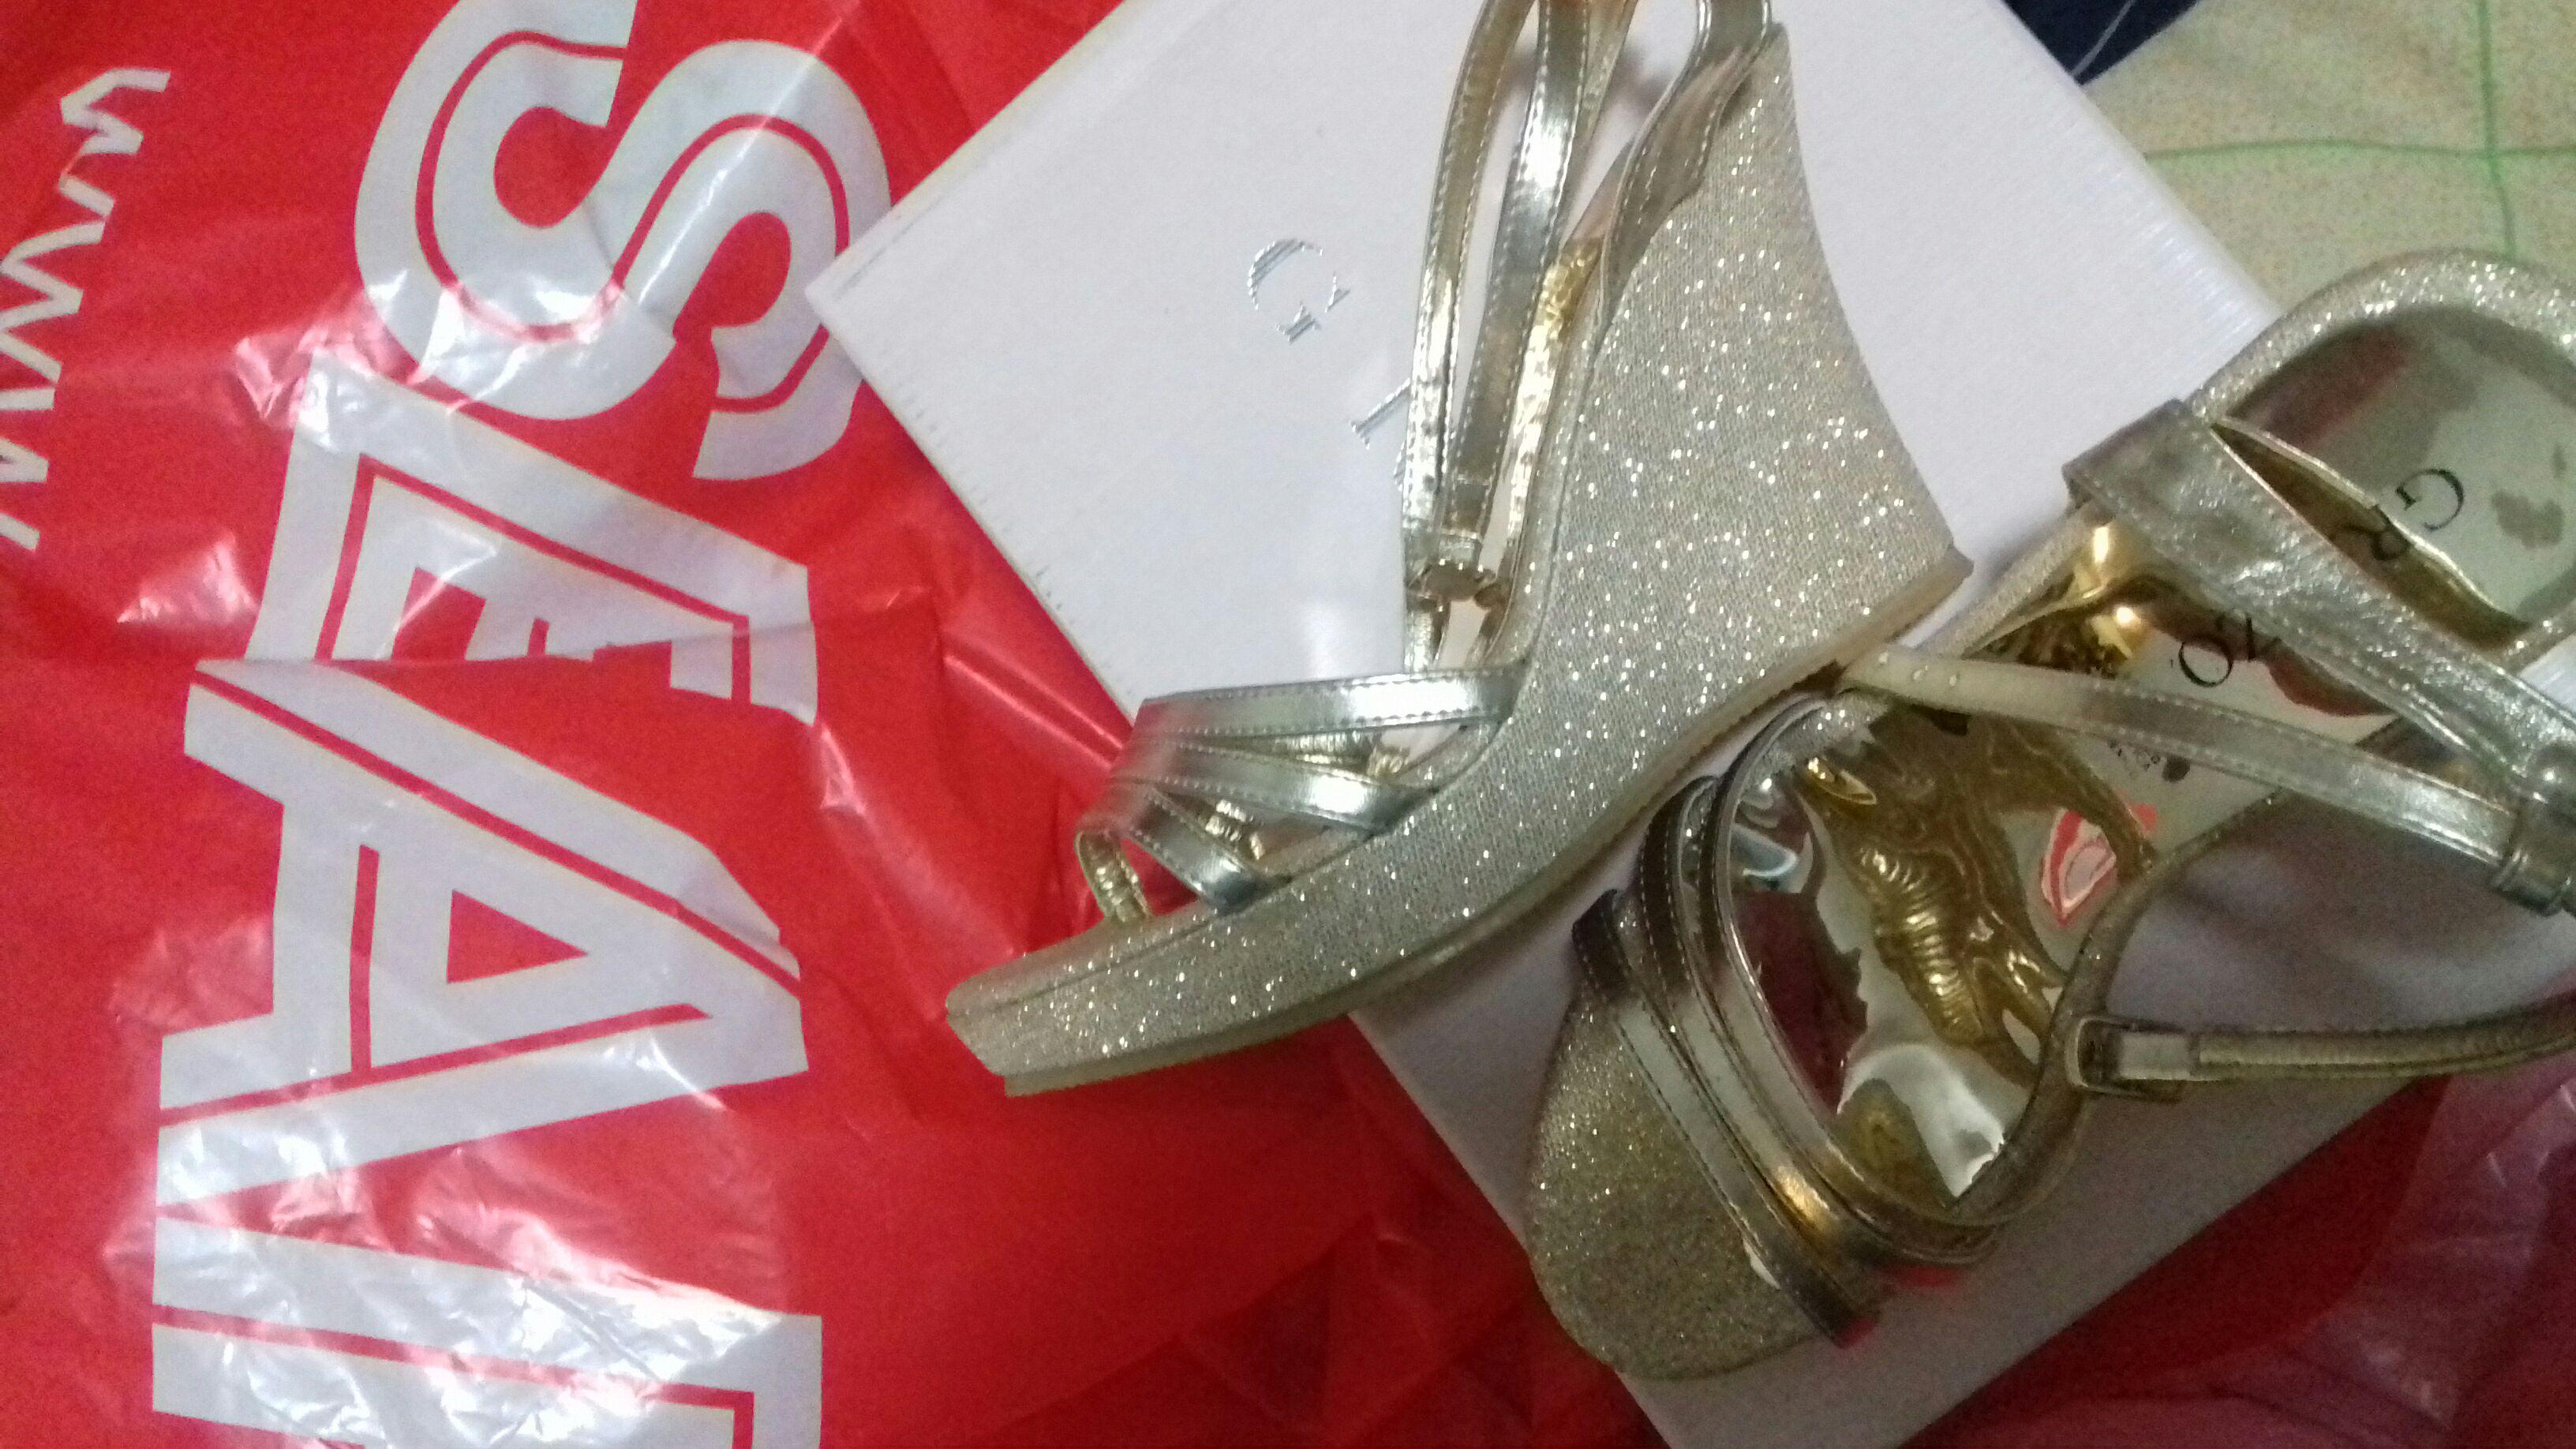 Sears Outlet Vallejo cdmx: zapatillas en $270 talla 24 y más